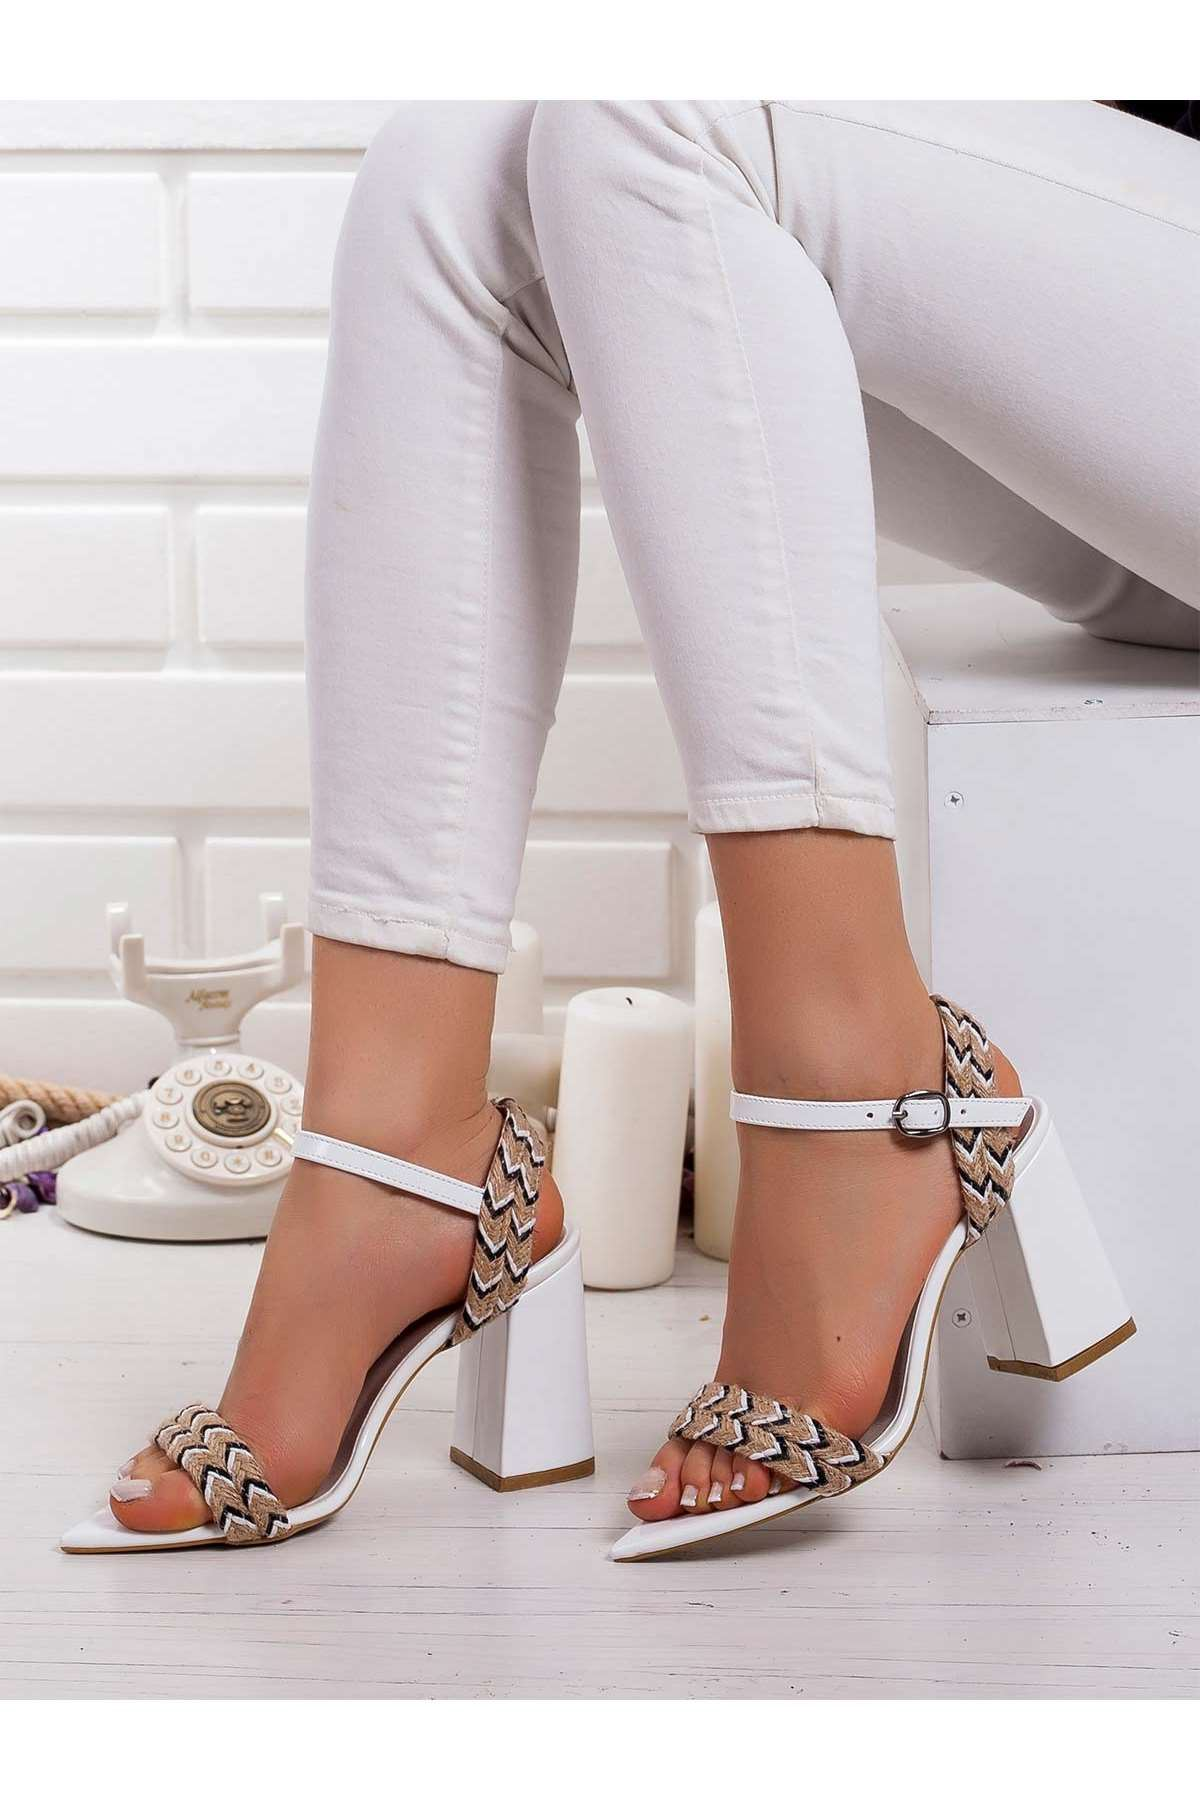 Greta Topuklu Ayakkabı BEYAZ